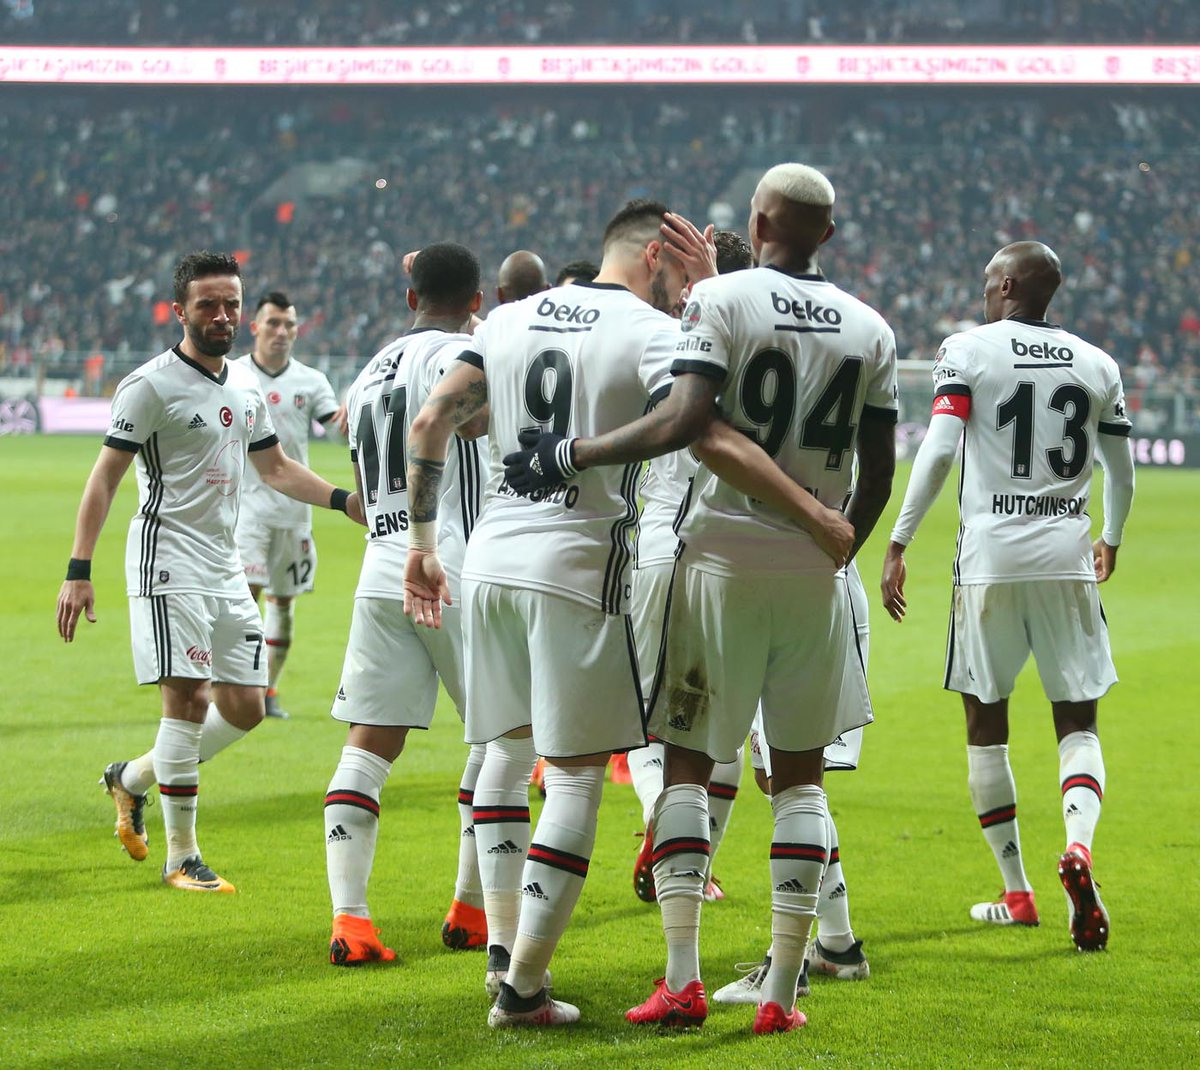 Beşiktaş'ın Alman takımlarına karşı performansı!